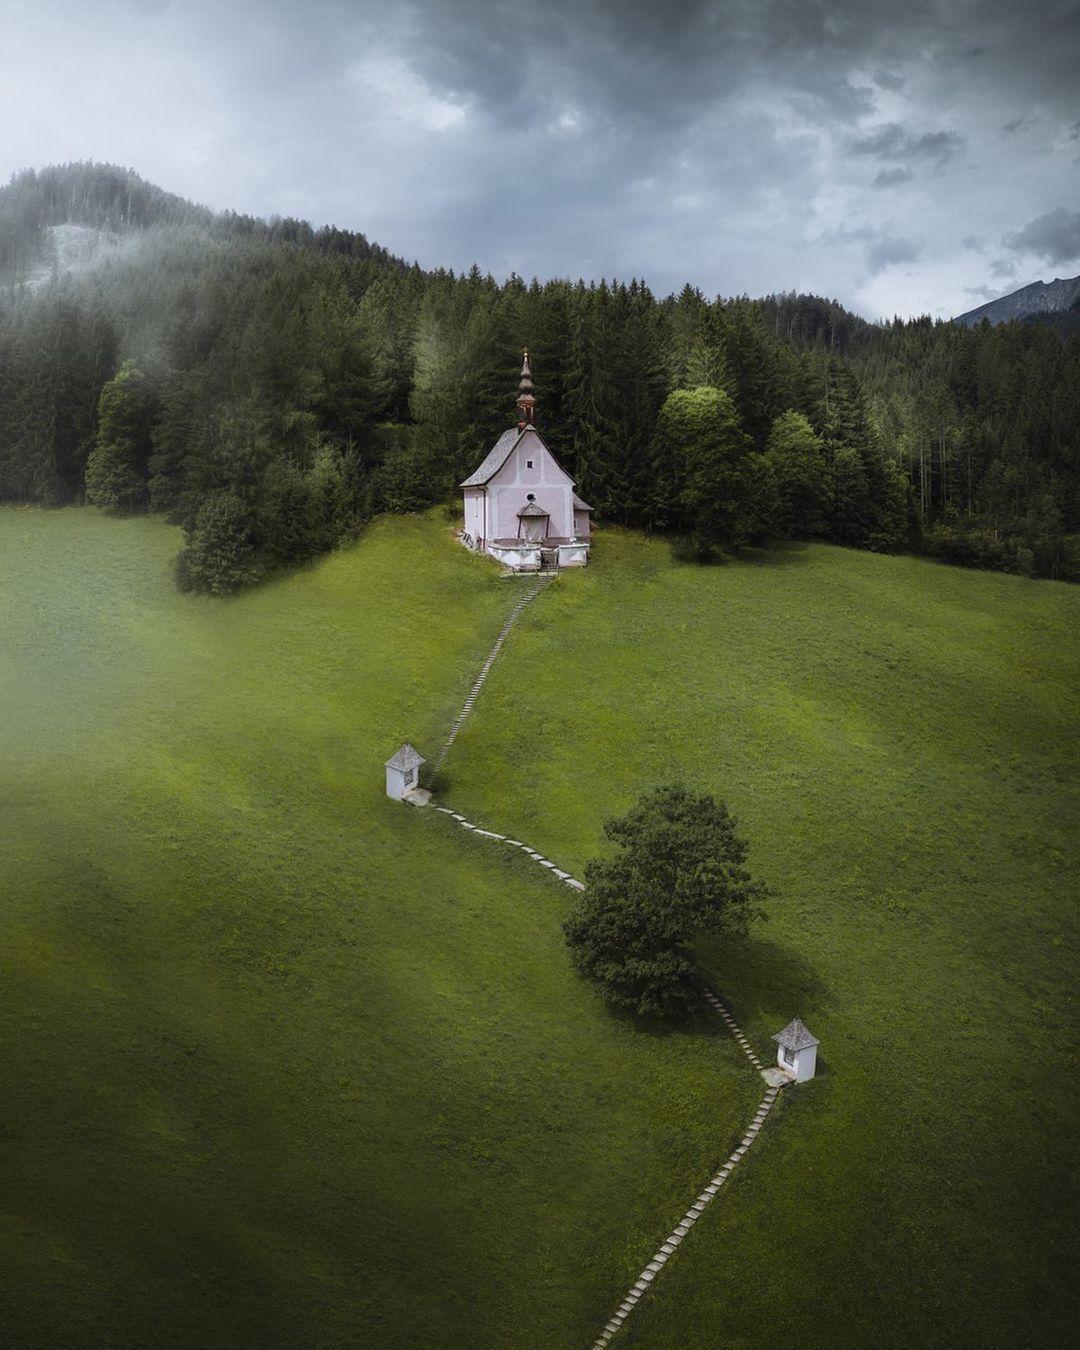 Природа и путешествия на снимках Джесса Бонде